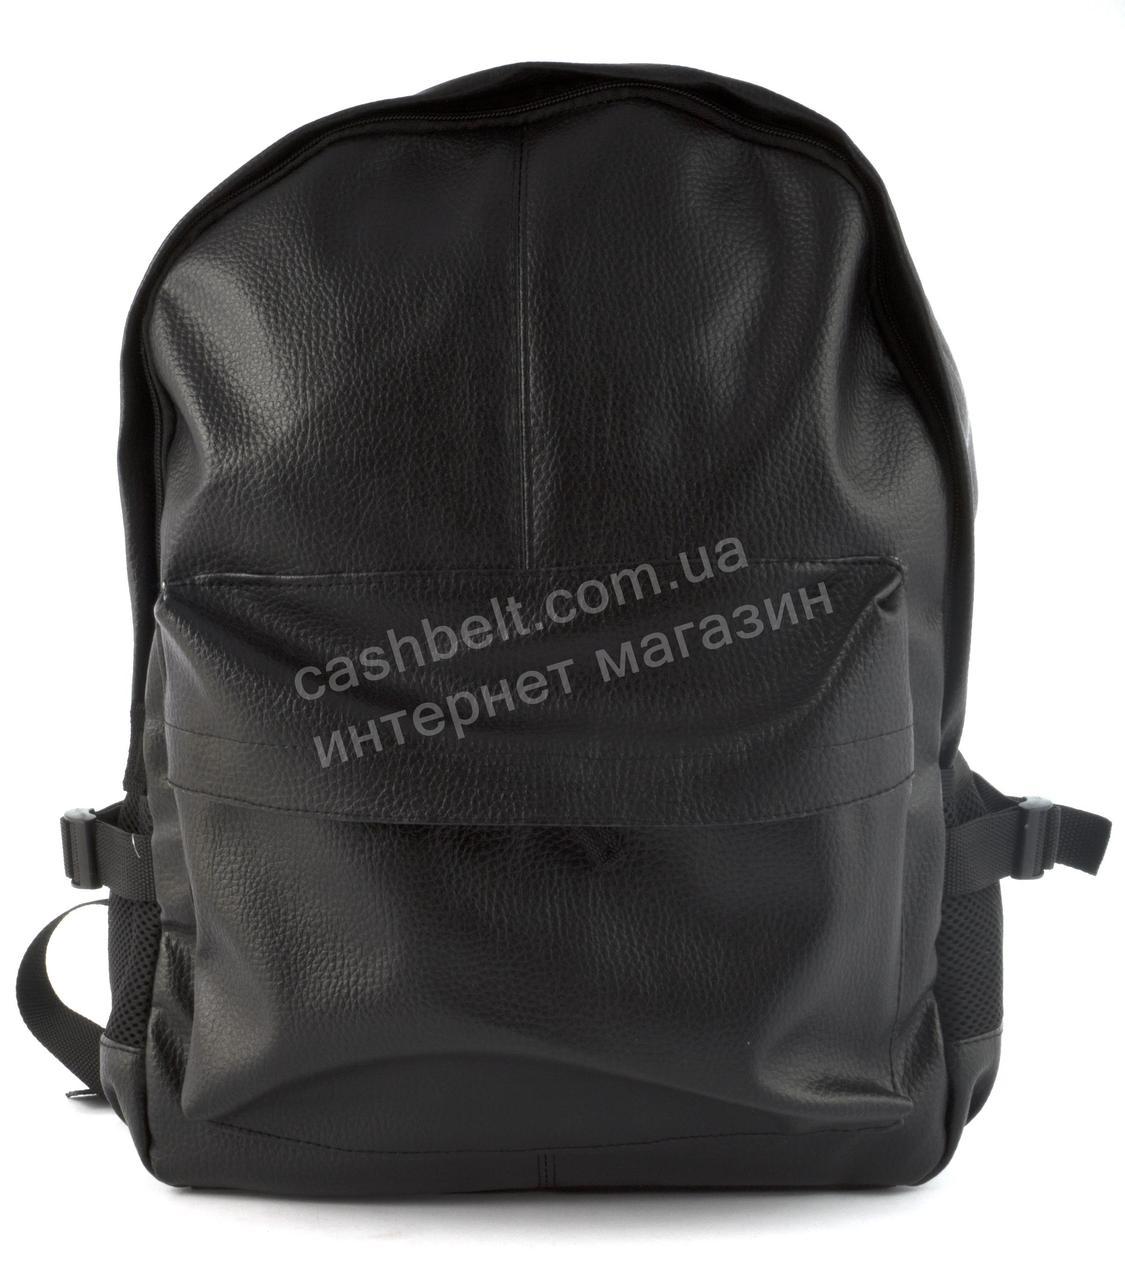 Мужской прочный вместительный спортивный рюкзак  из качественного заменителя кожи  art. 20-49 Украина (101962)